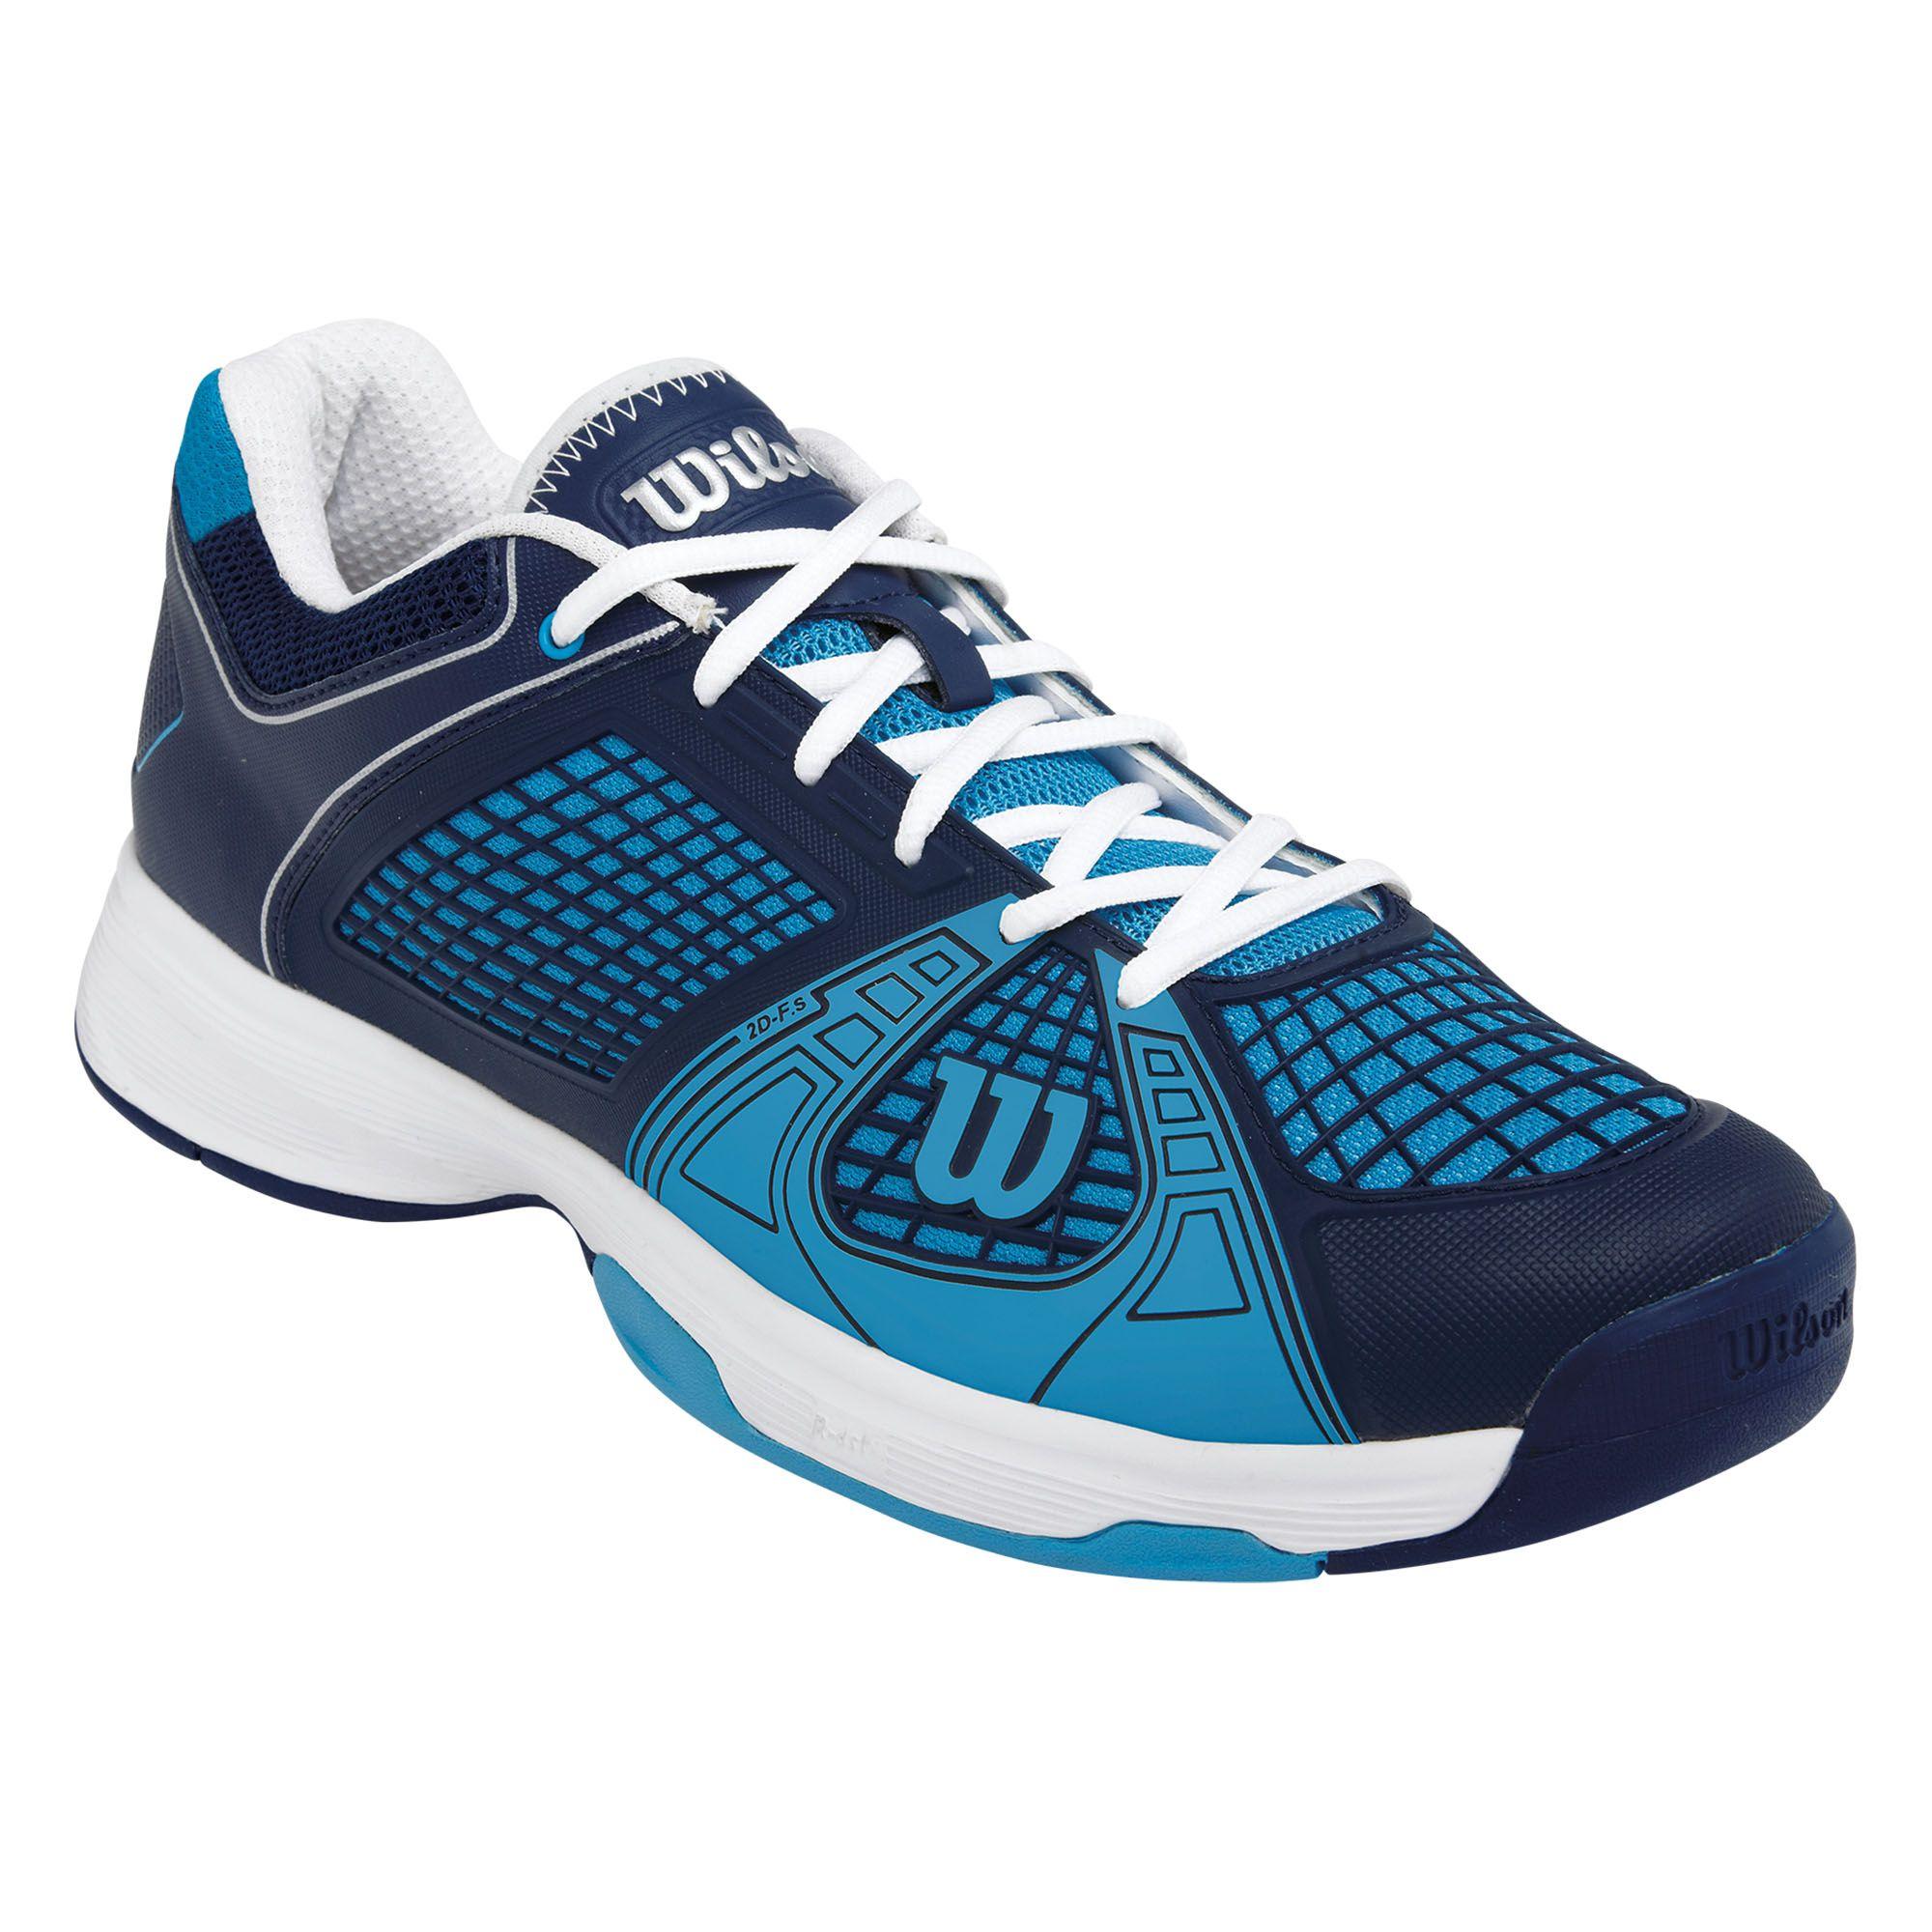 Tennis Shoes Size